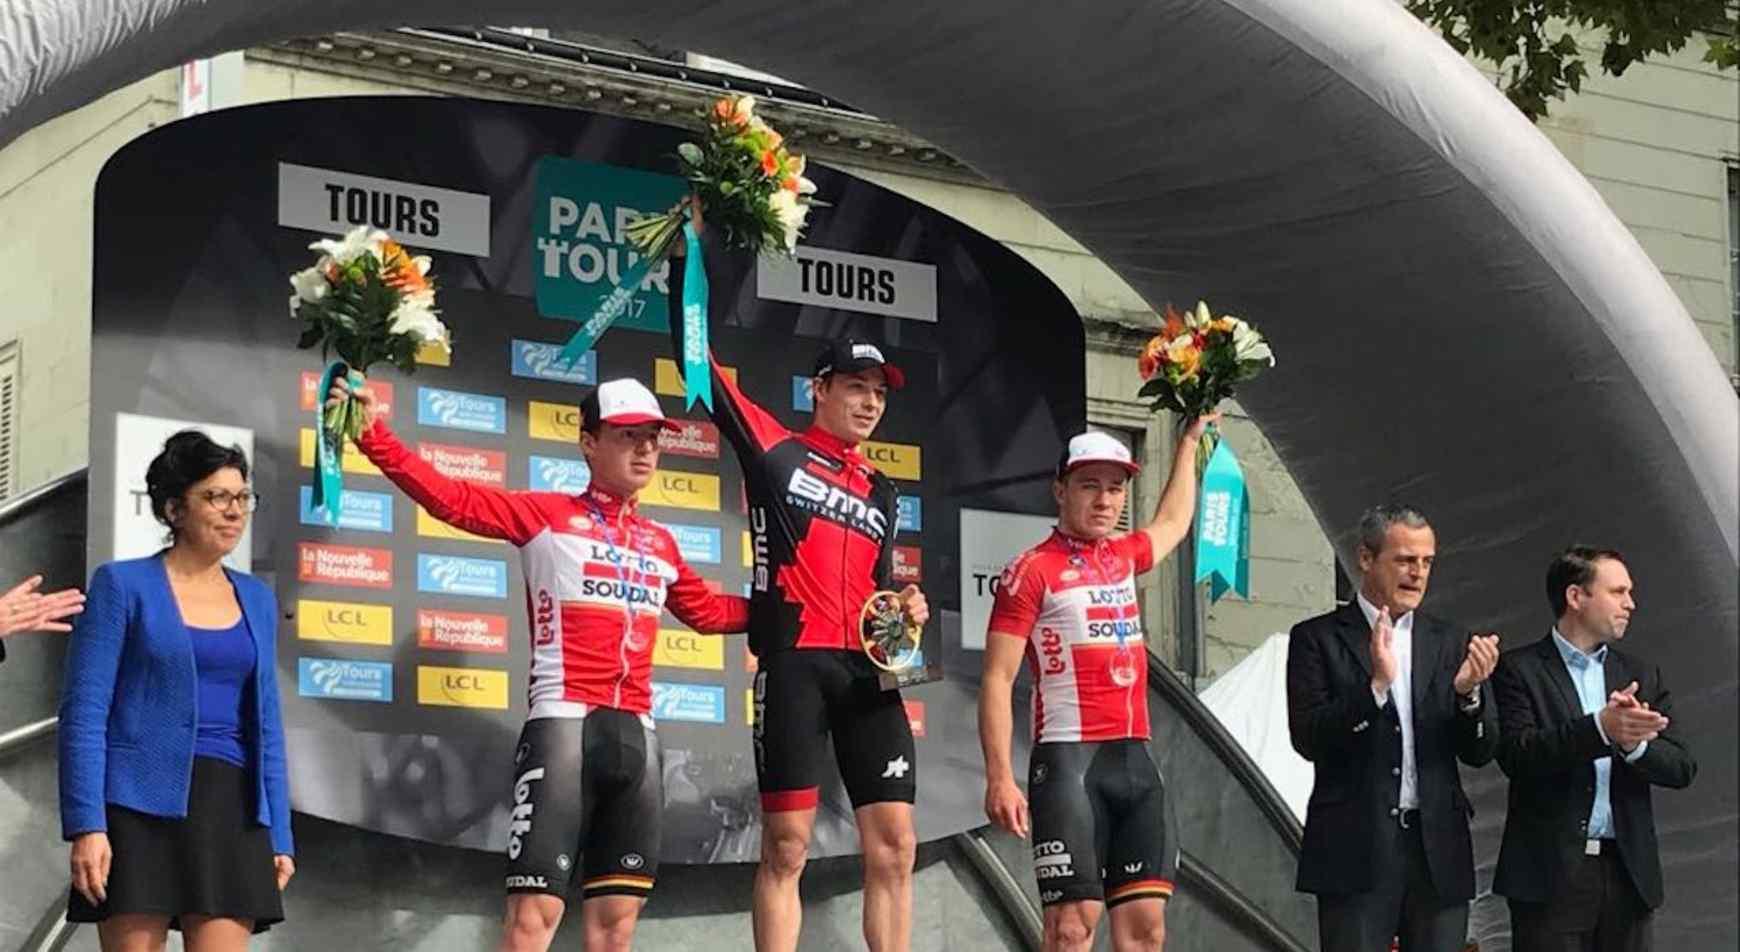 Jasper Philipsen vince la Parigi-Tours Espoirs 2017